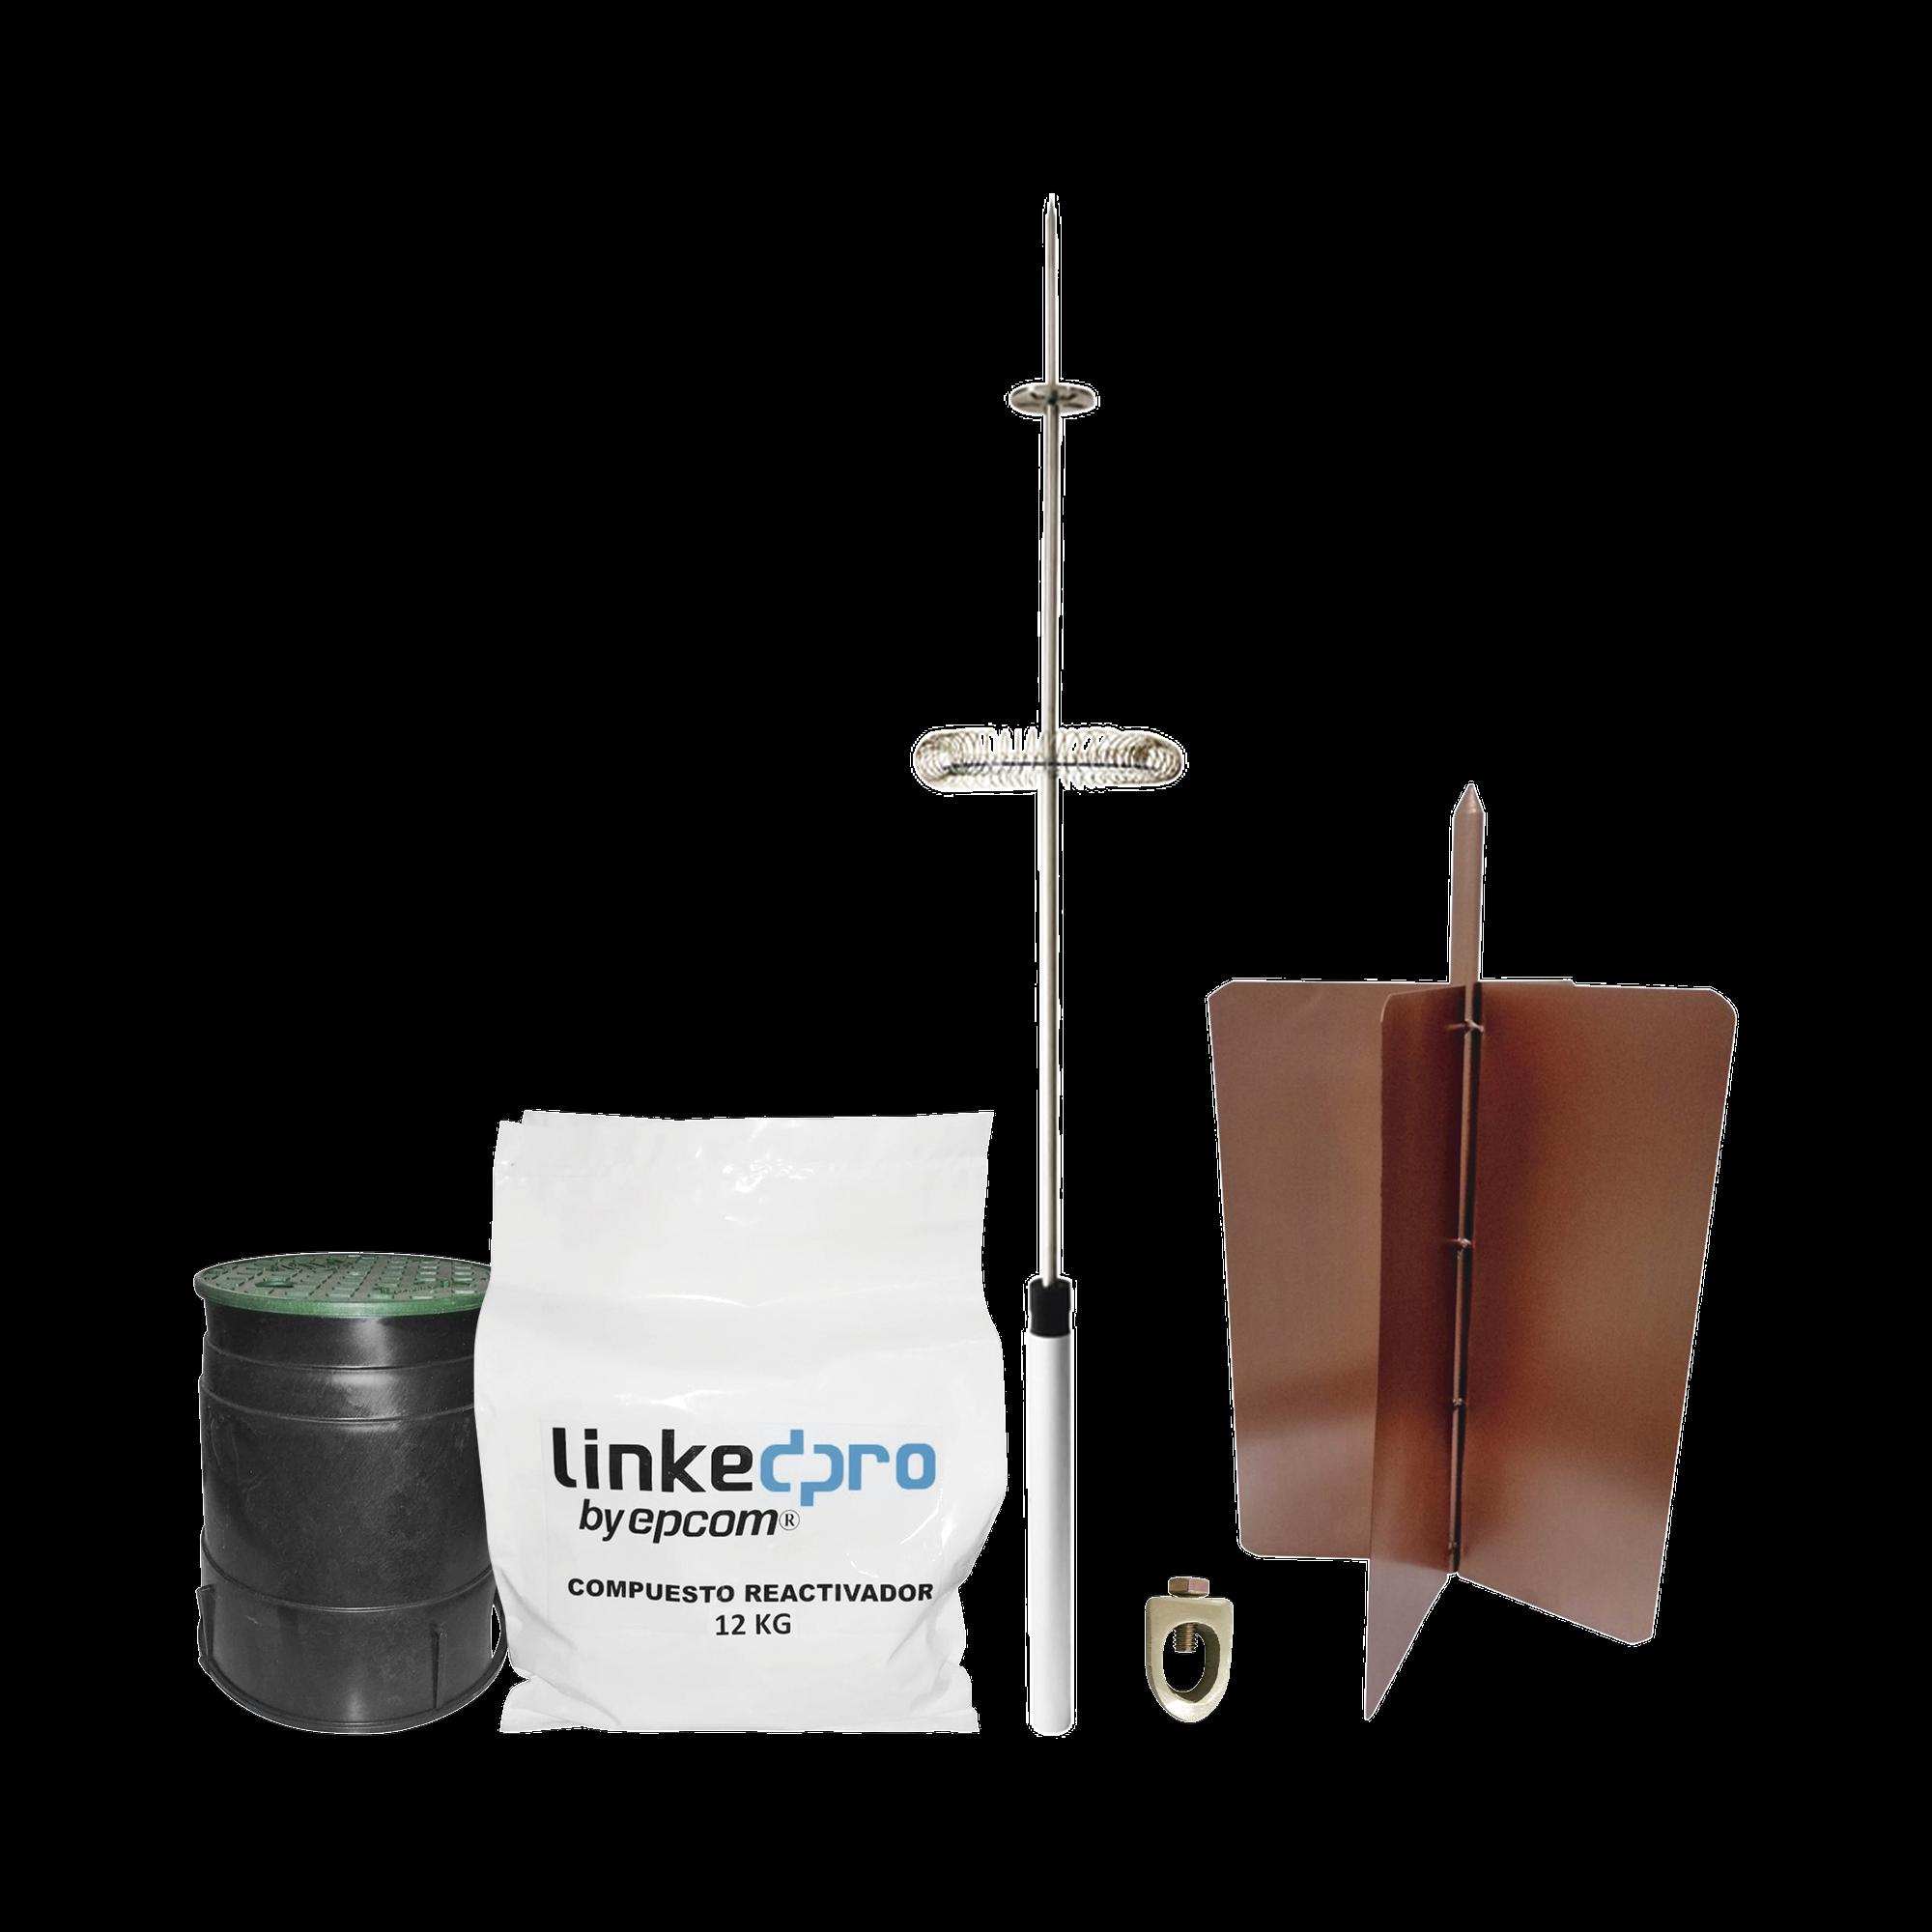 Kit pararrayo LinkedPro básico. Ideal para la protección de mástiles y postes.